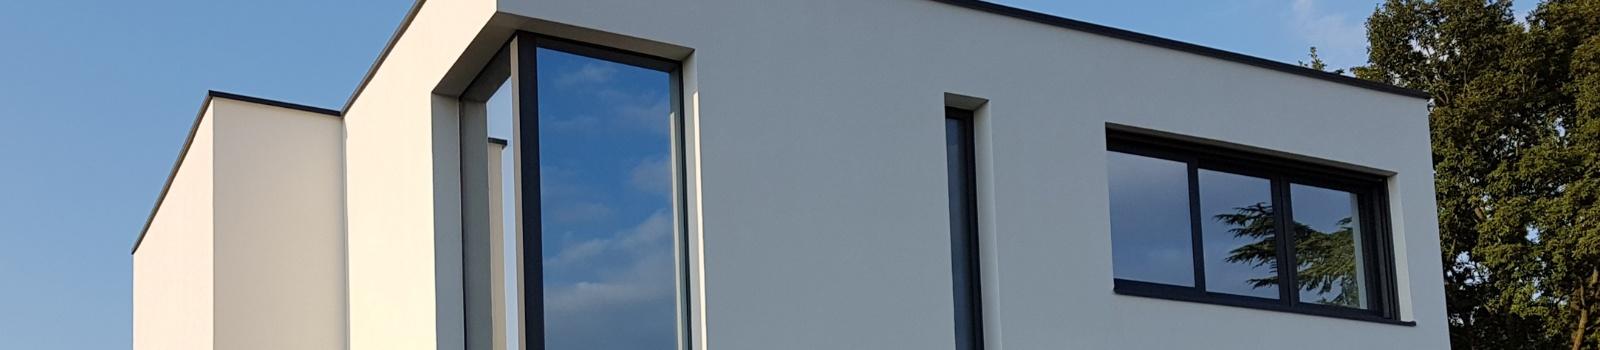 Options des fenêtres et portes-fenêtres